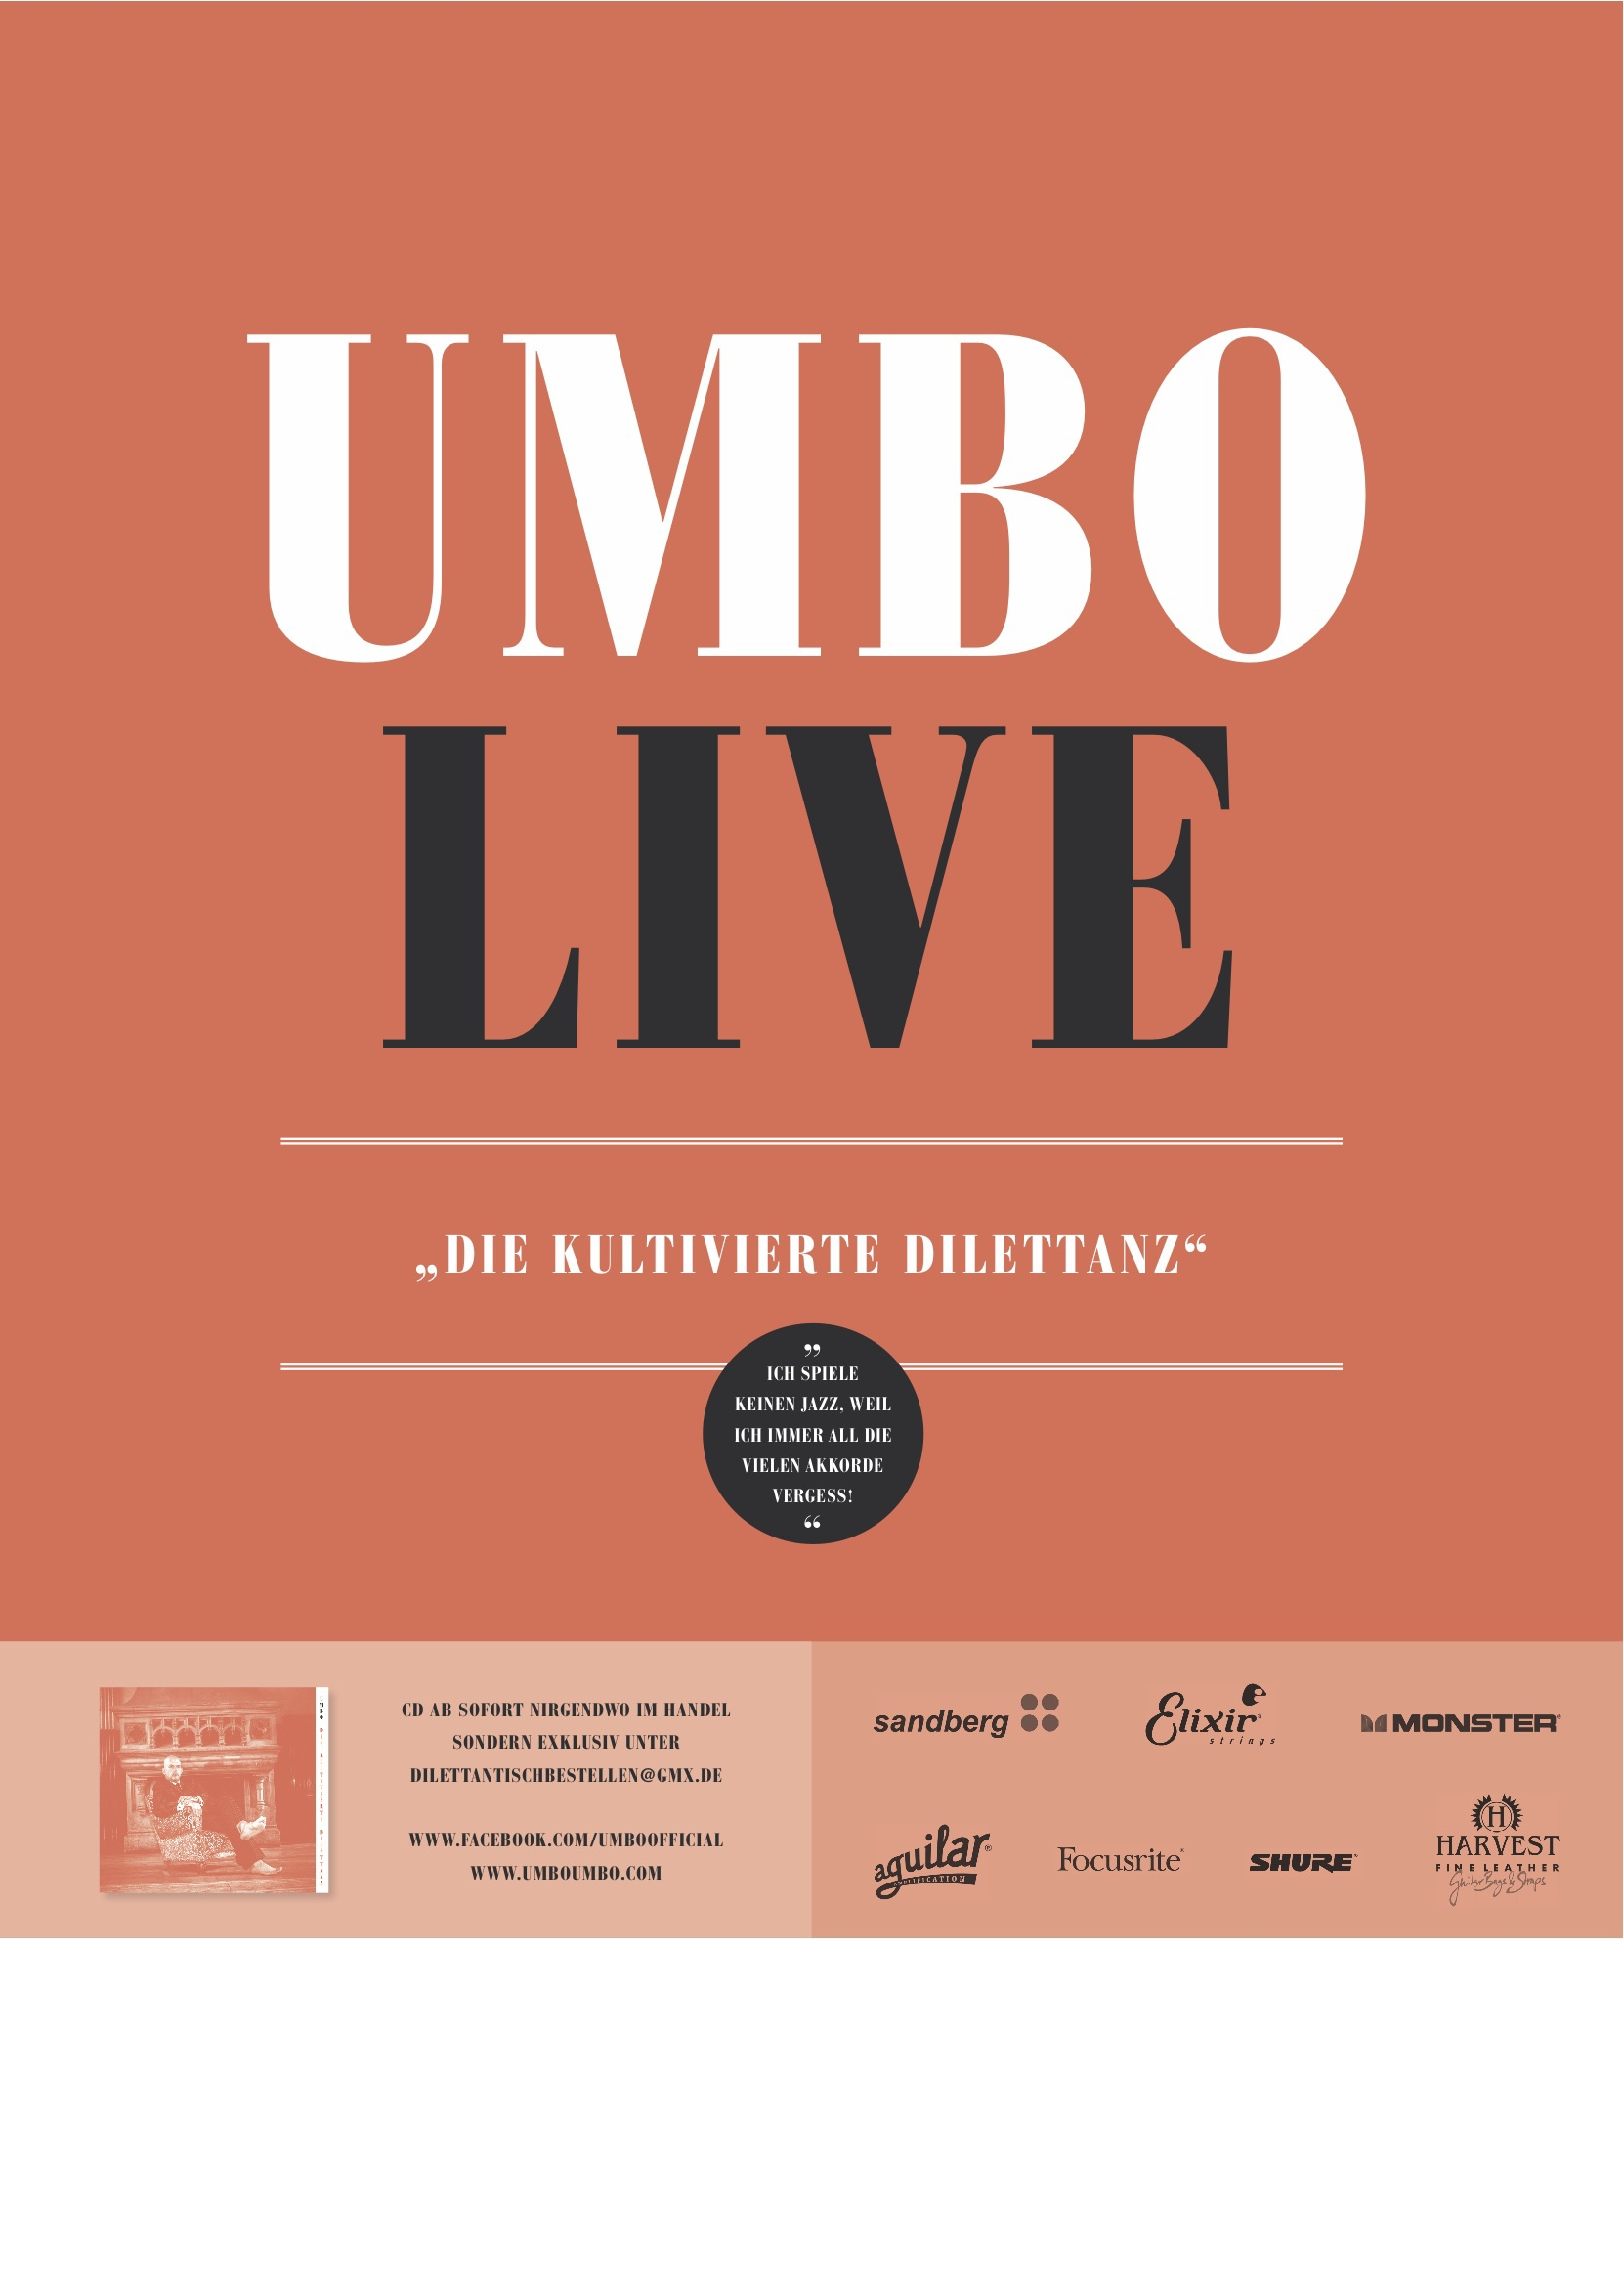 UMBO Poster.jpg